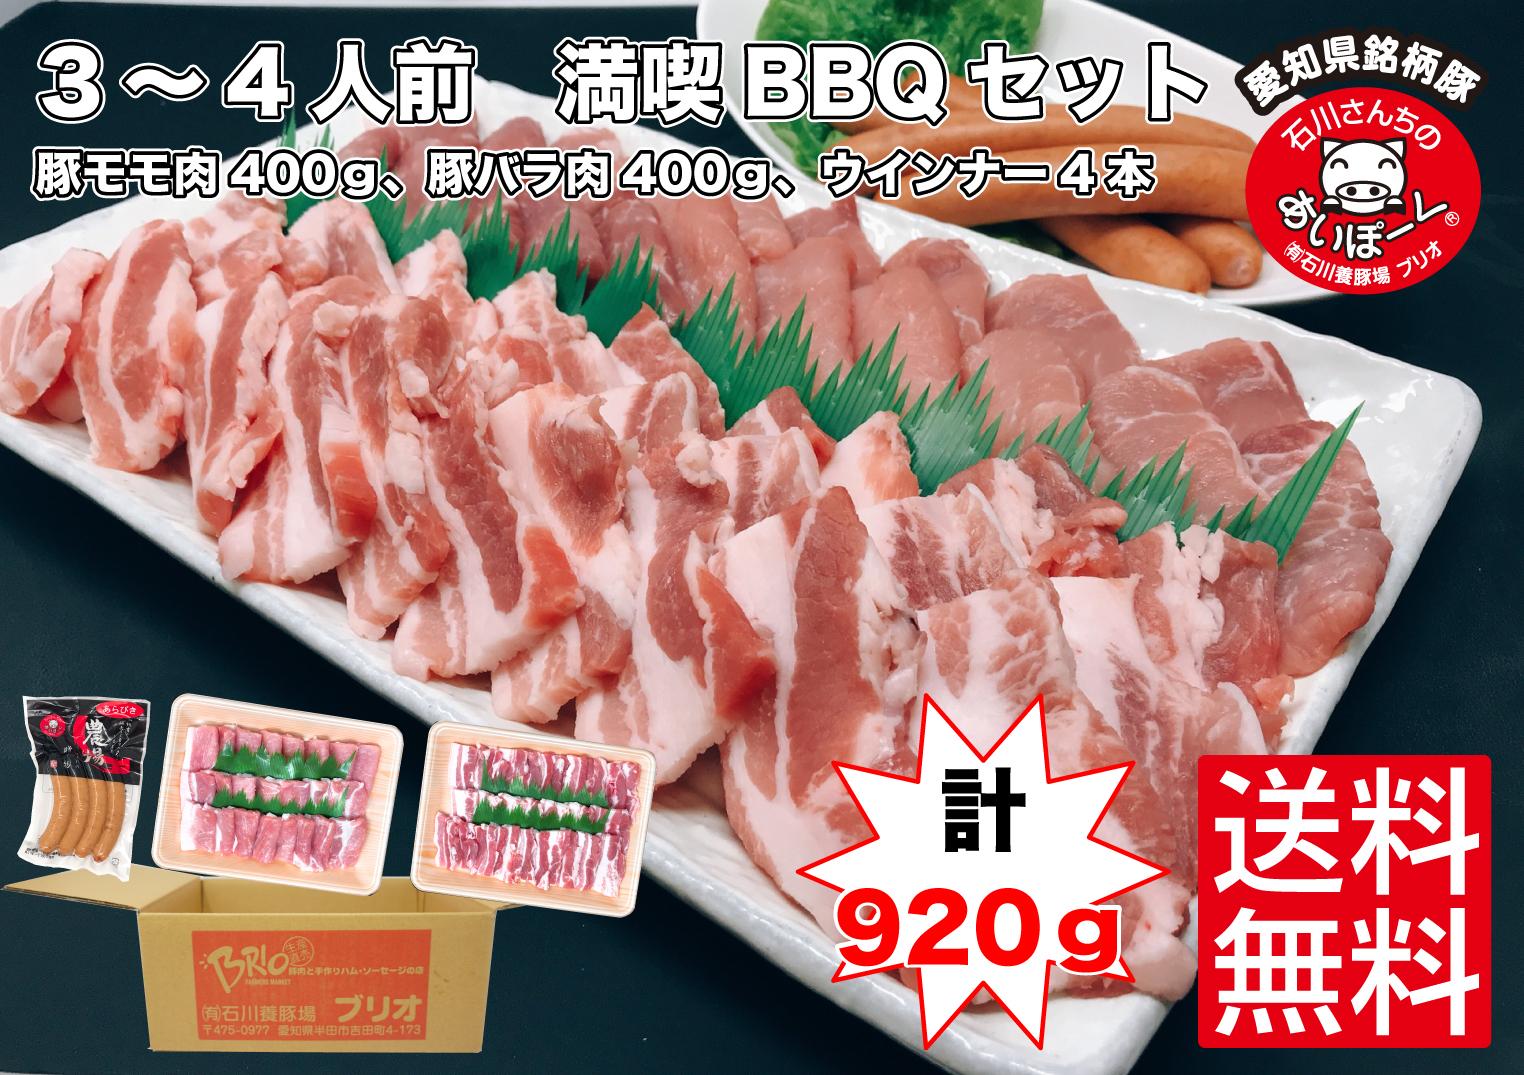 【送料無料】(4)ブリオ満喫BBQセット3~4人前(豚モモ肉400g、豚バラ肉400g、ウインナー4本)